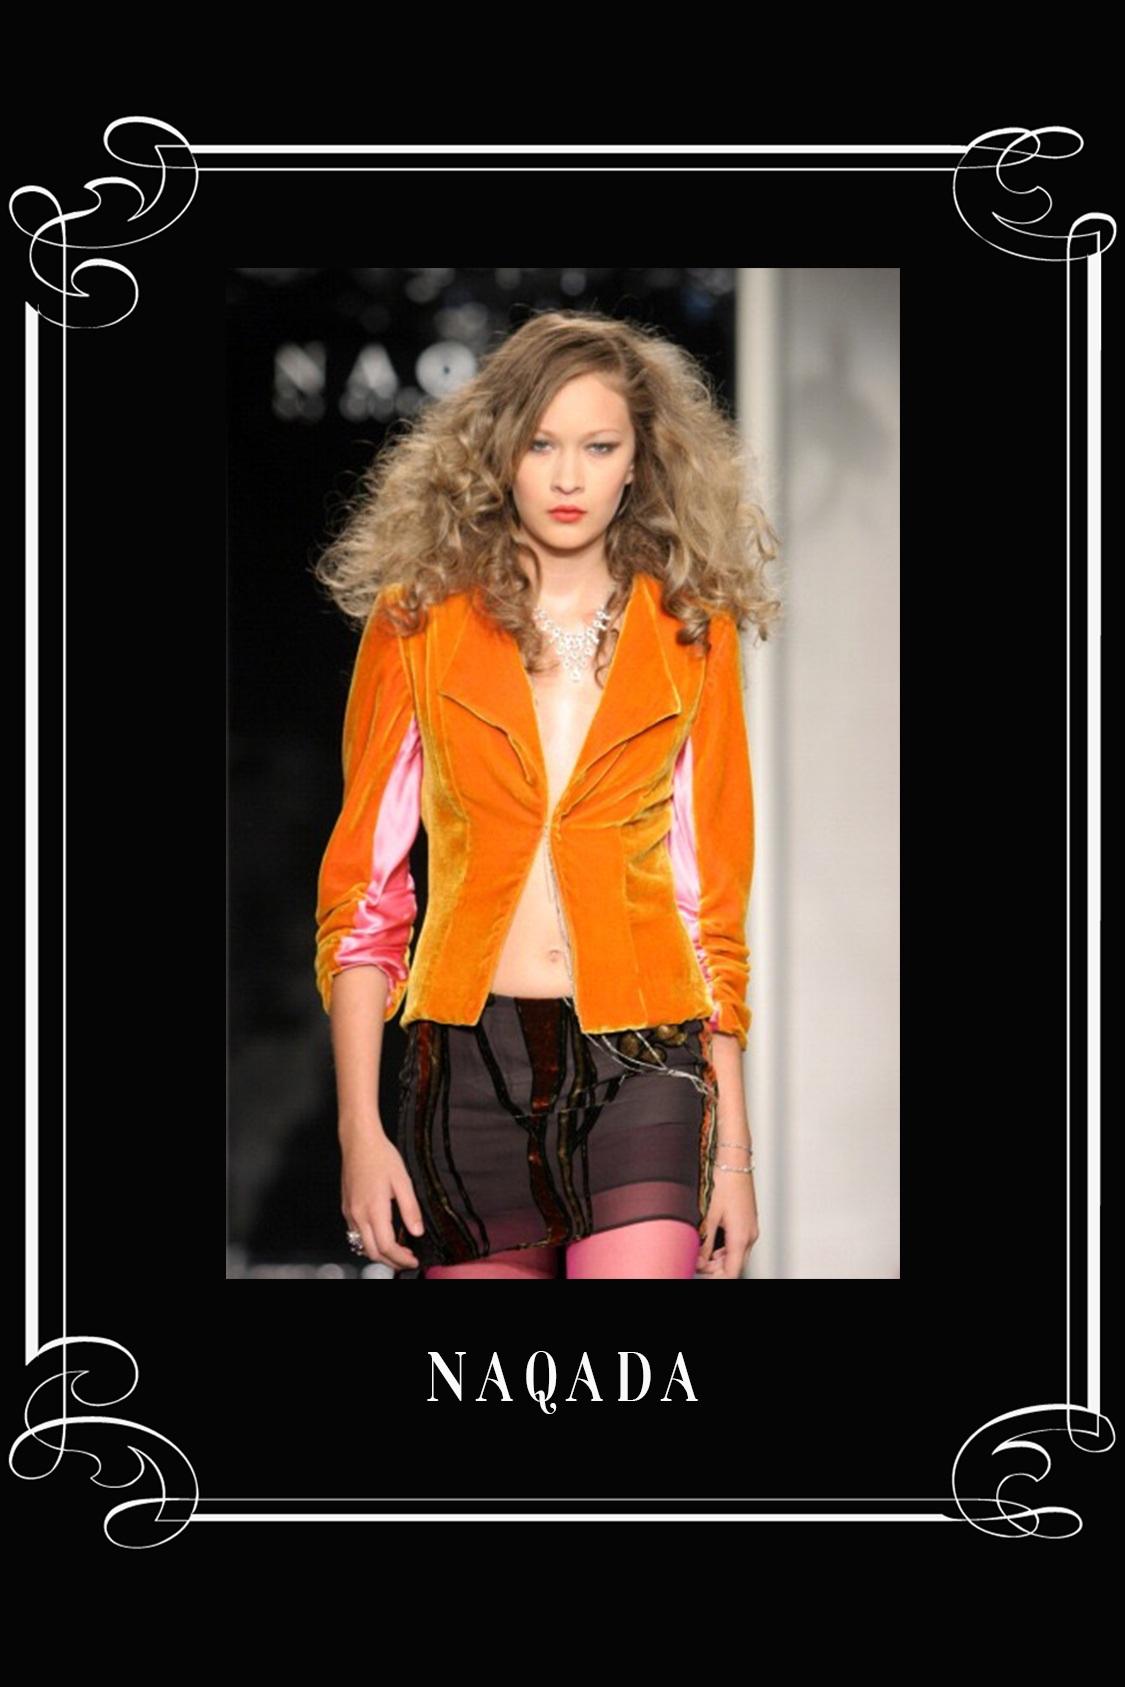 Screen+Naqada.jpg